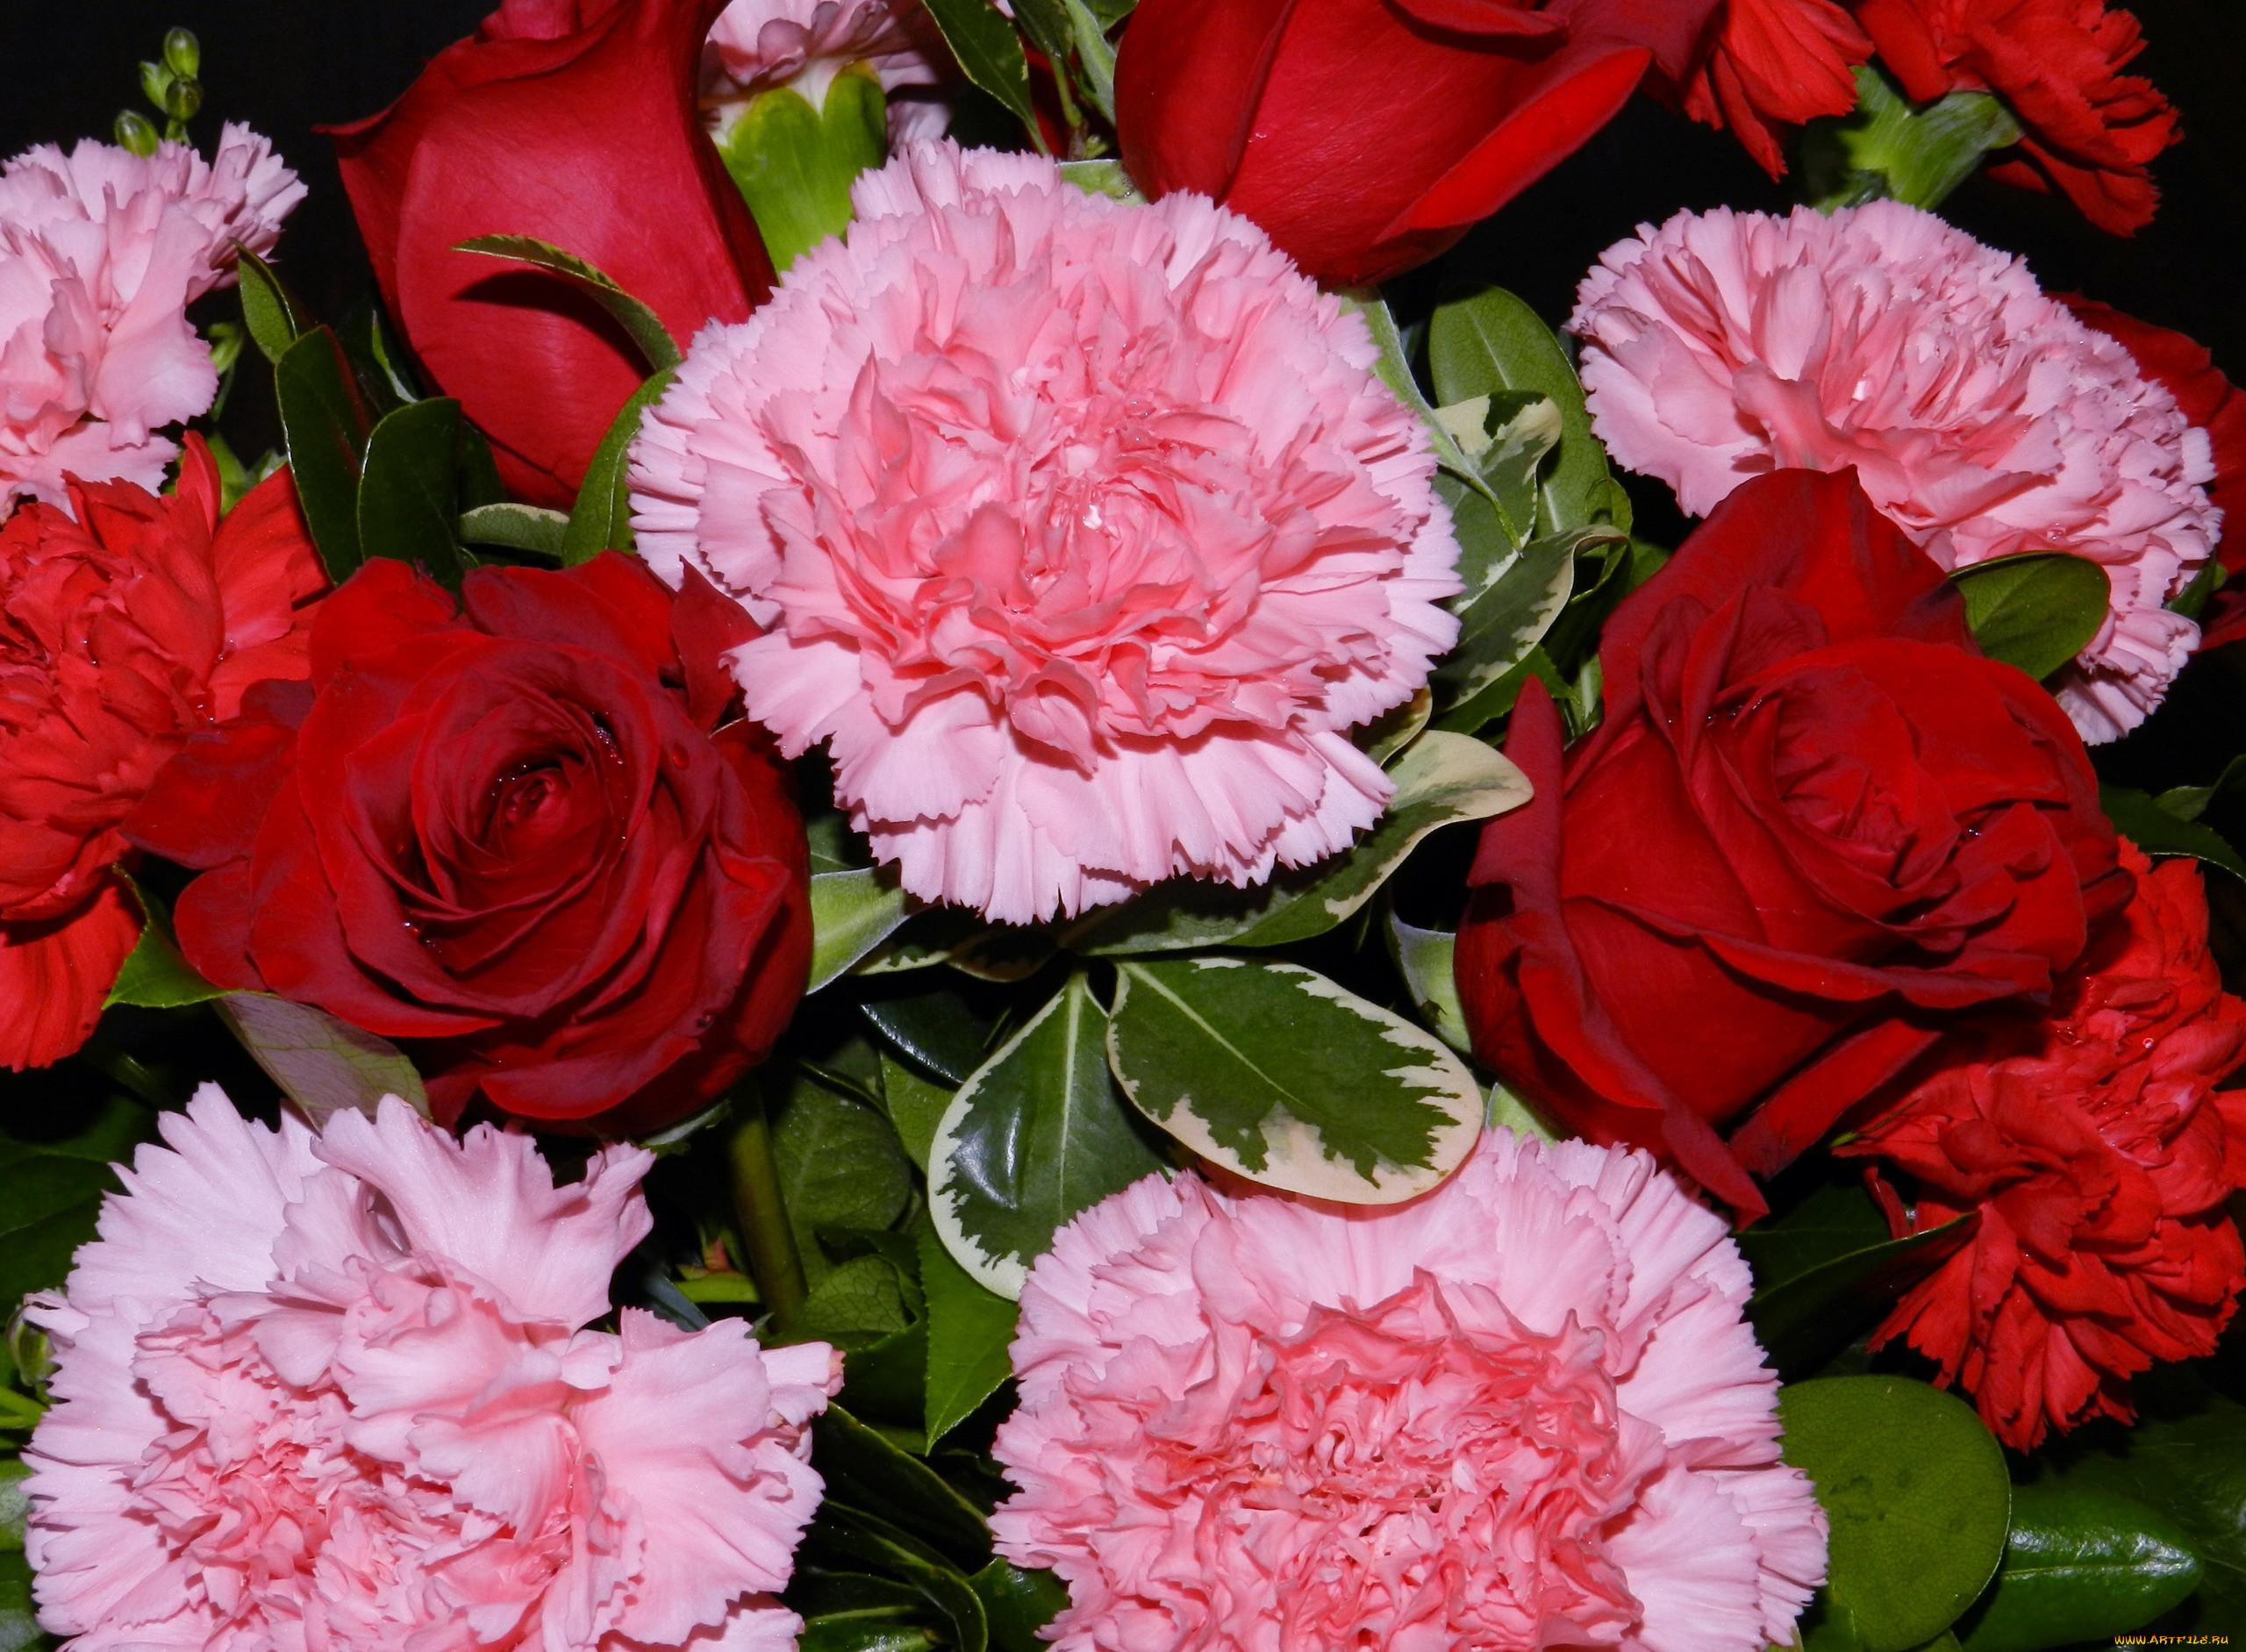 цветами картинки роз и гвоздик ставят